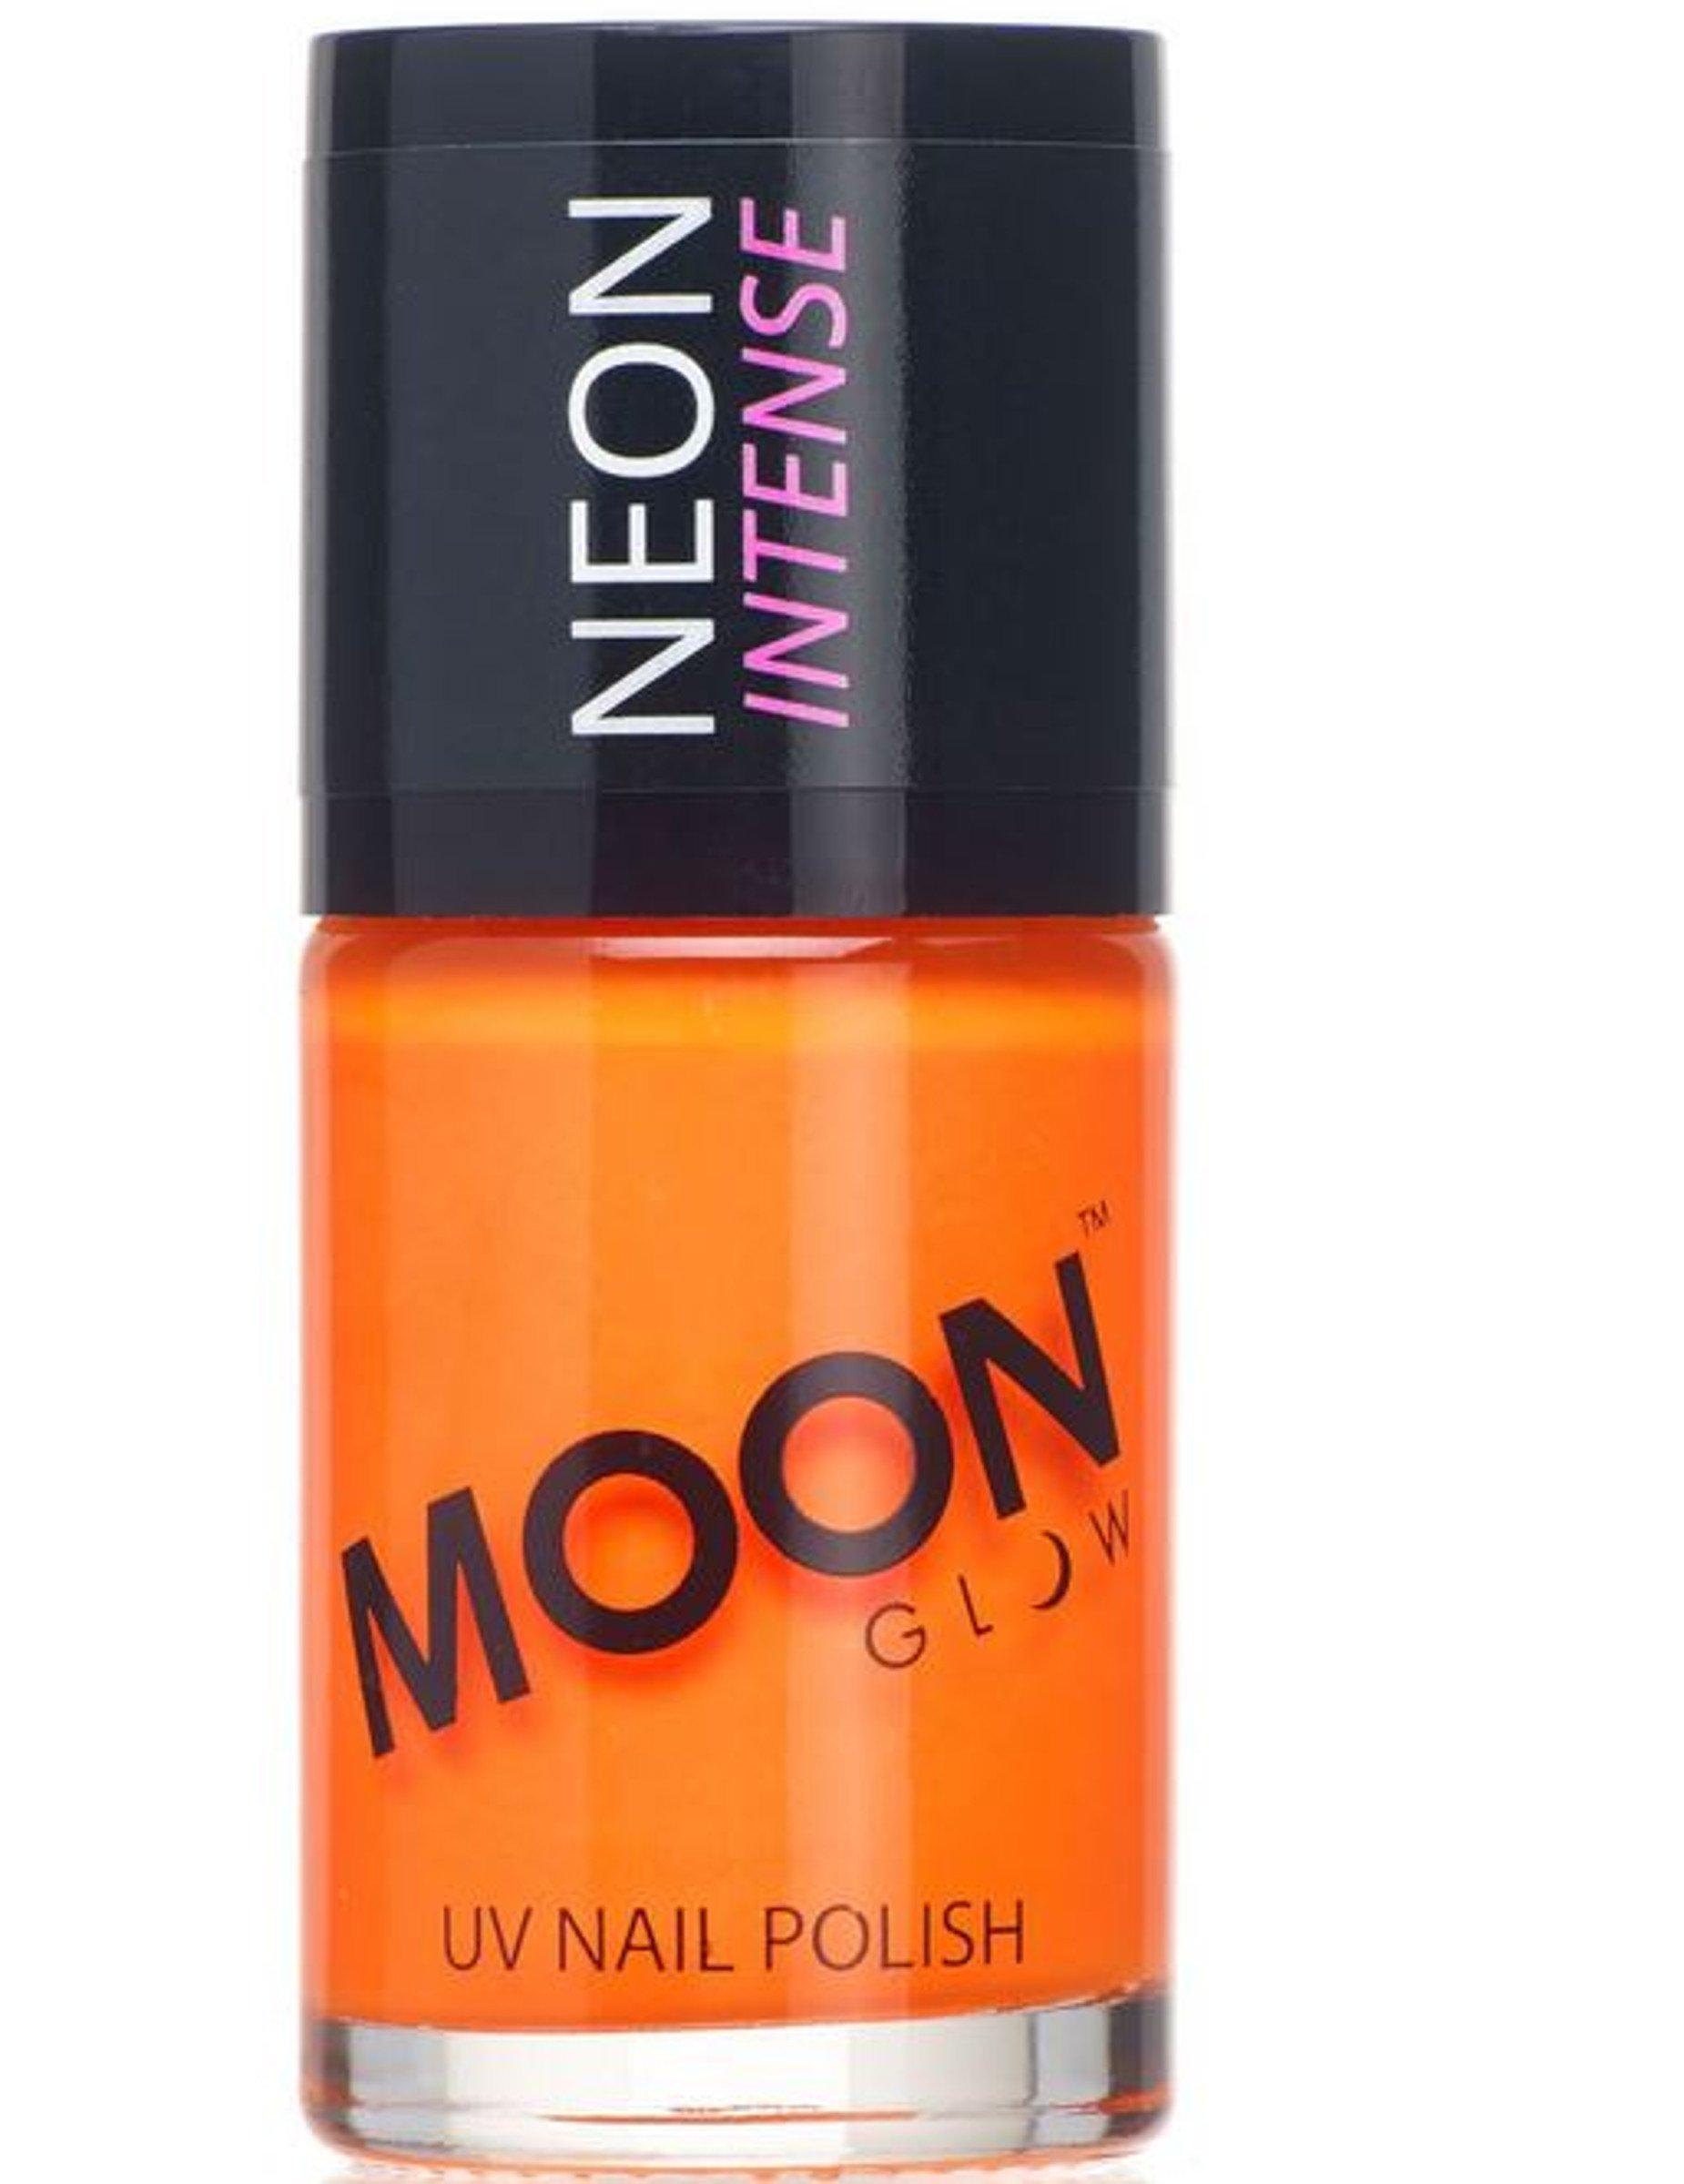 UV-Nagellack Neon Moonglowu00a9 Orange 15ml  Gu00fcnstige Faschings Make-up Bei Karneval Megastore